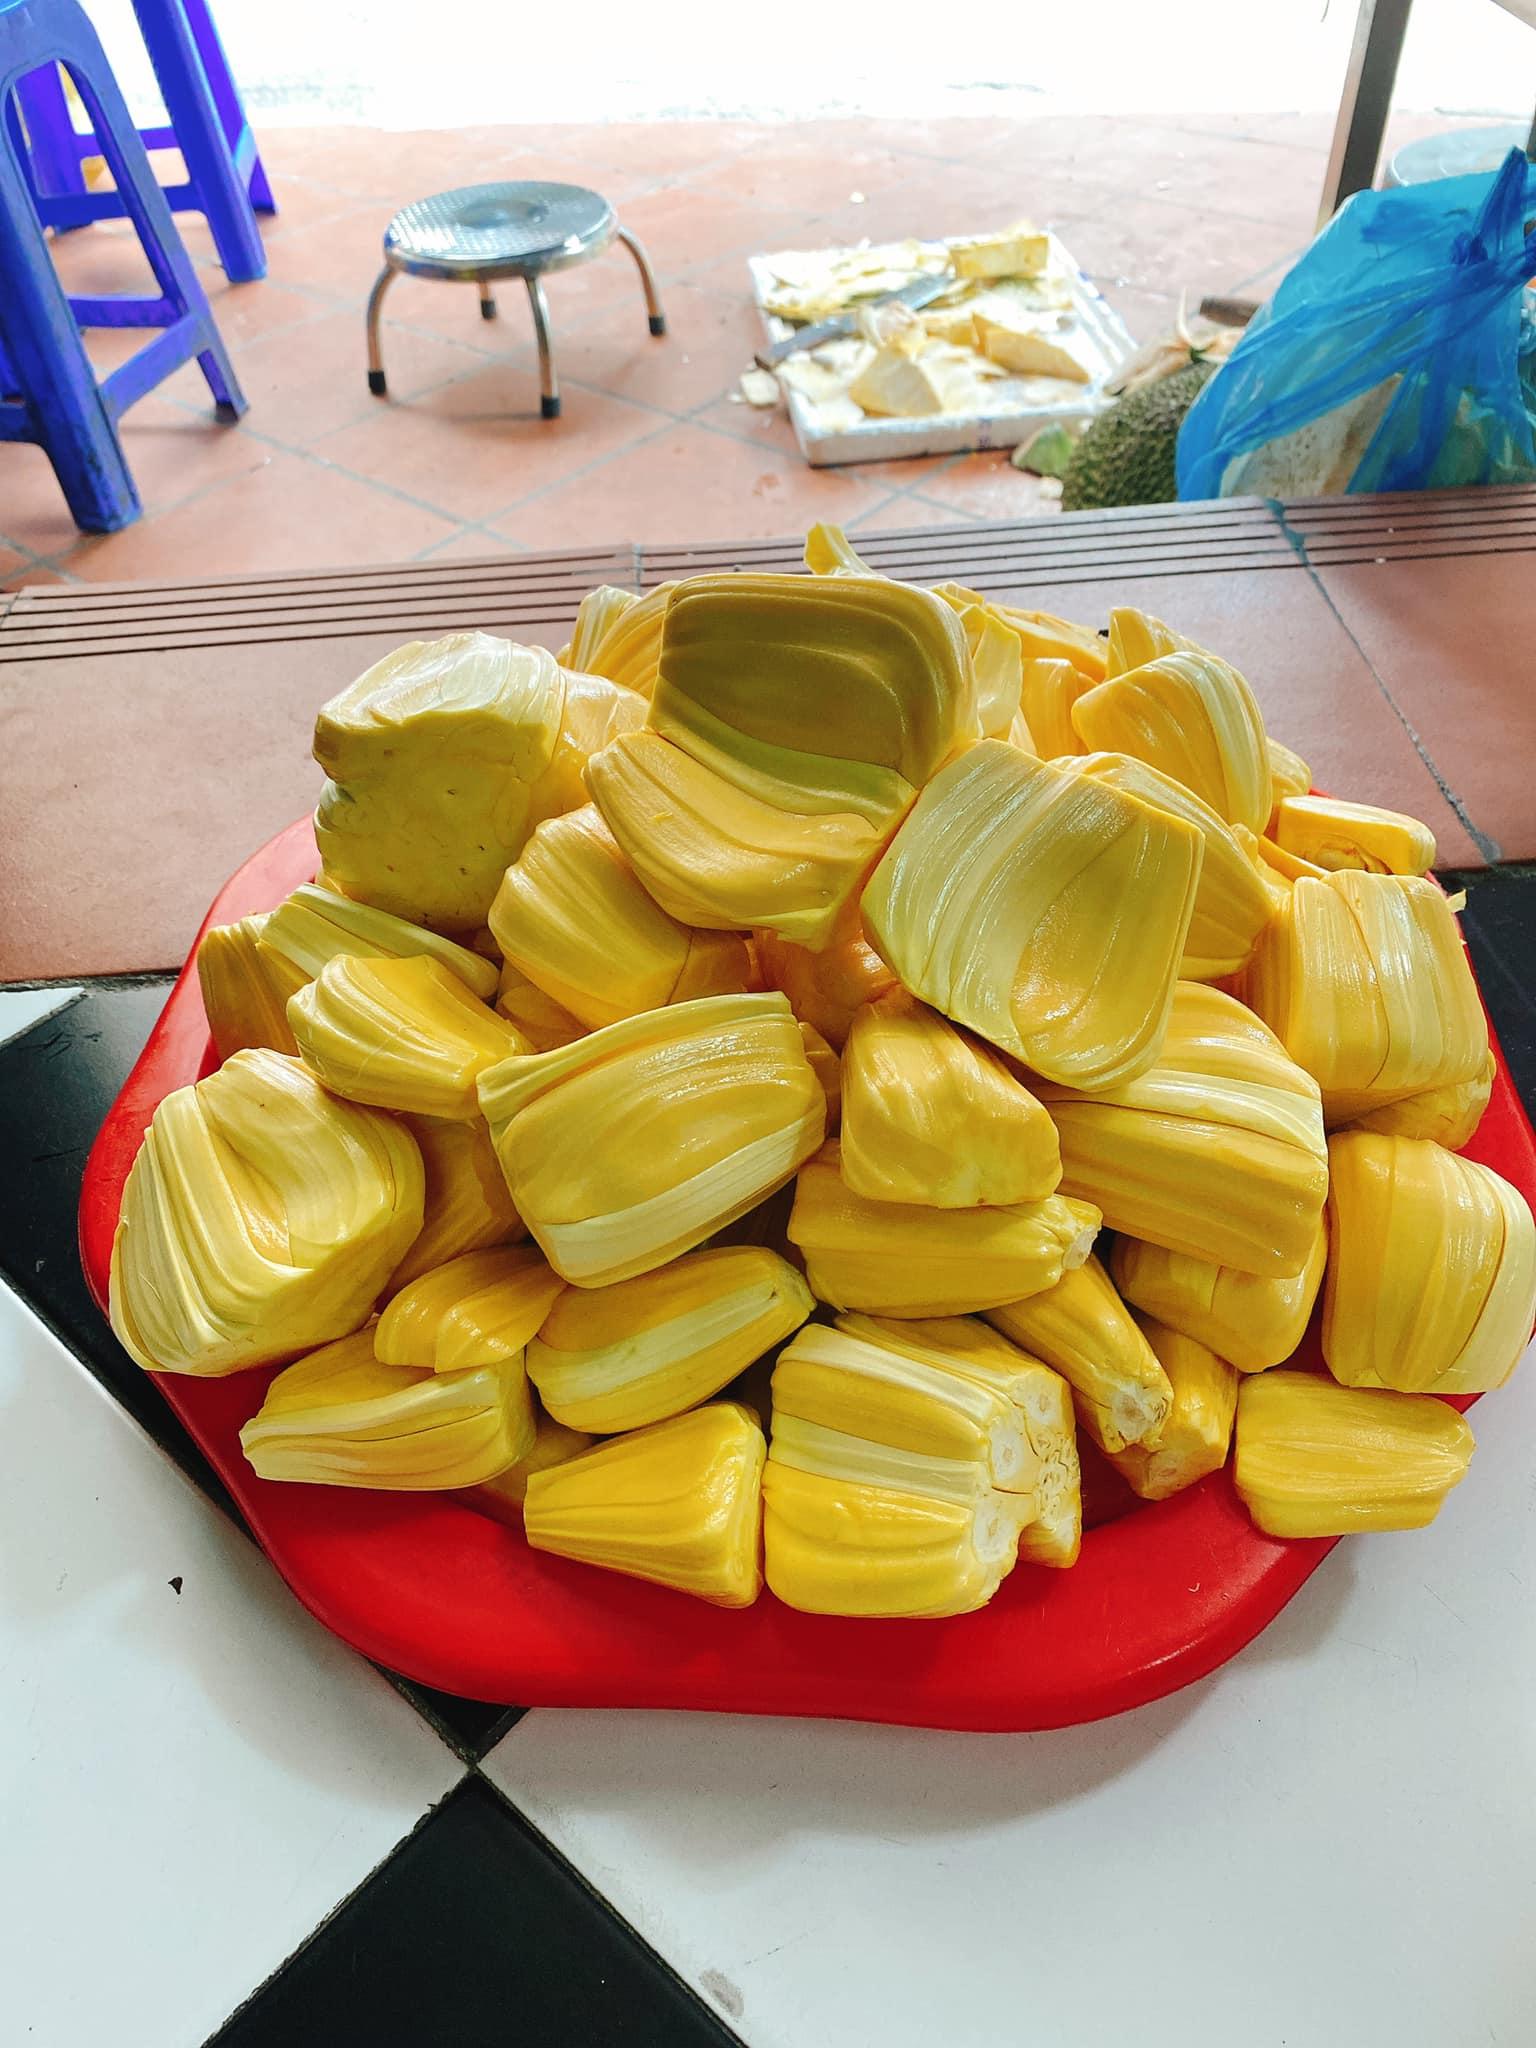 Mít Thái giảm giá vì ngừng xuất khẩu, người trồng khóc vì chỉ đủ tiền phân bón - Ảnh 7.